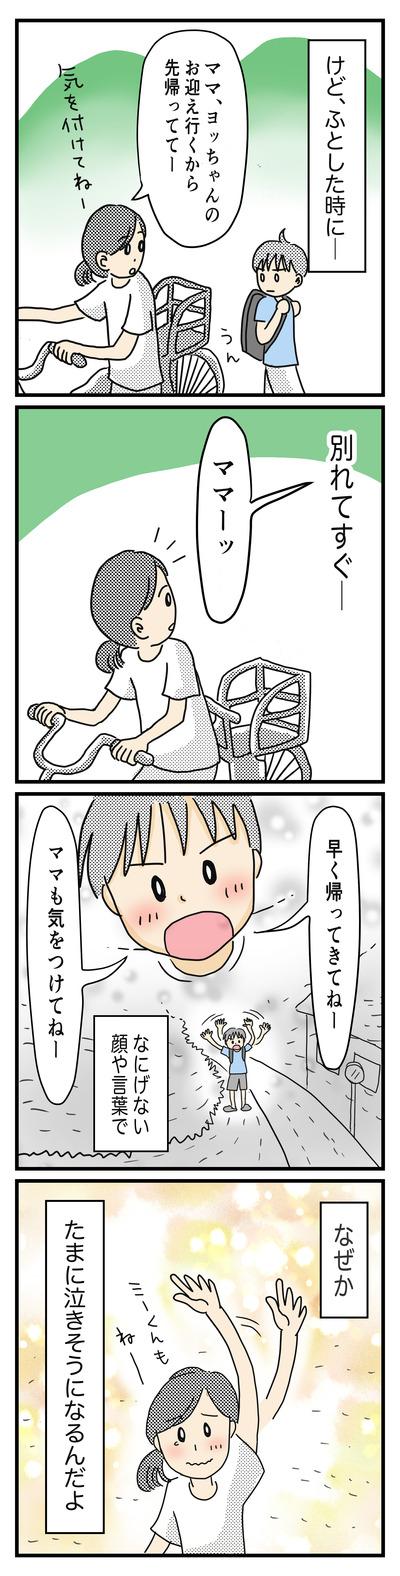 109 ミー君の誕生日その2(1才〜1才半)